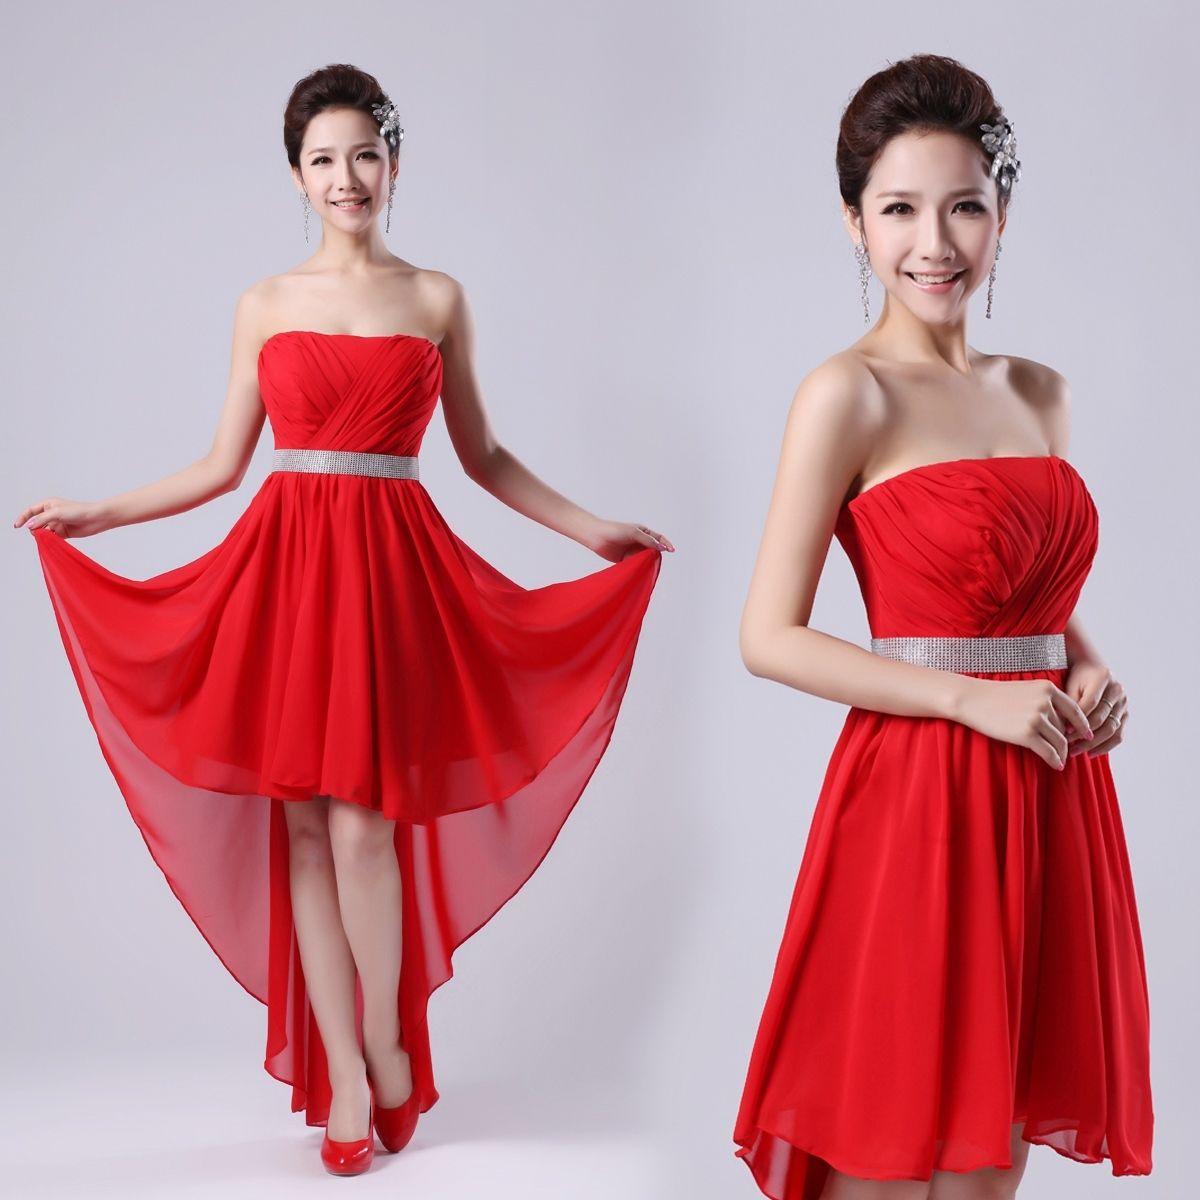 Modelos de vestidos de dama para fiestas